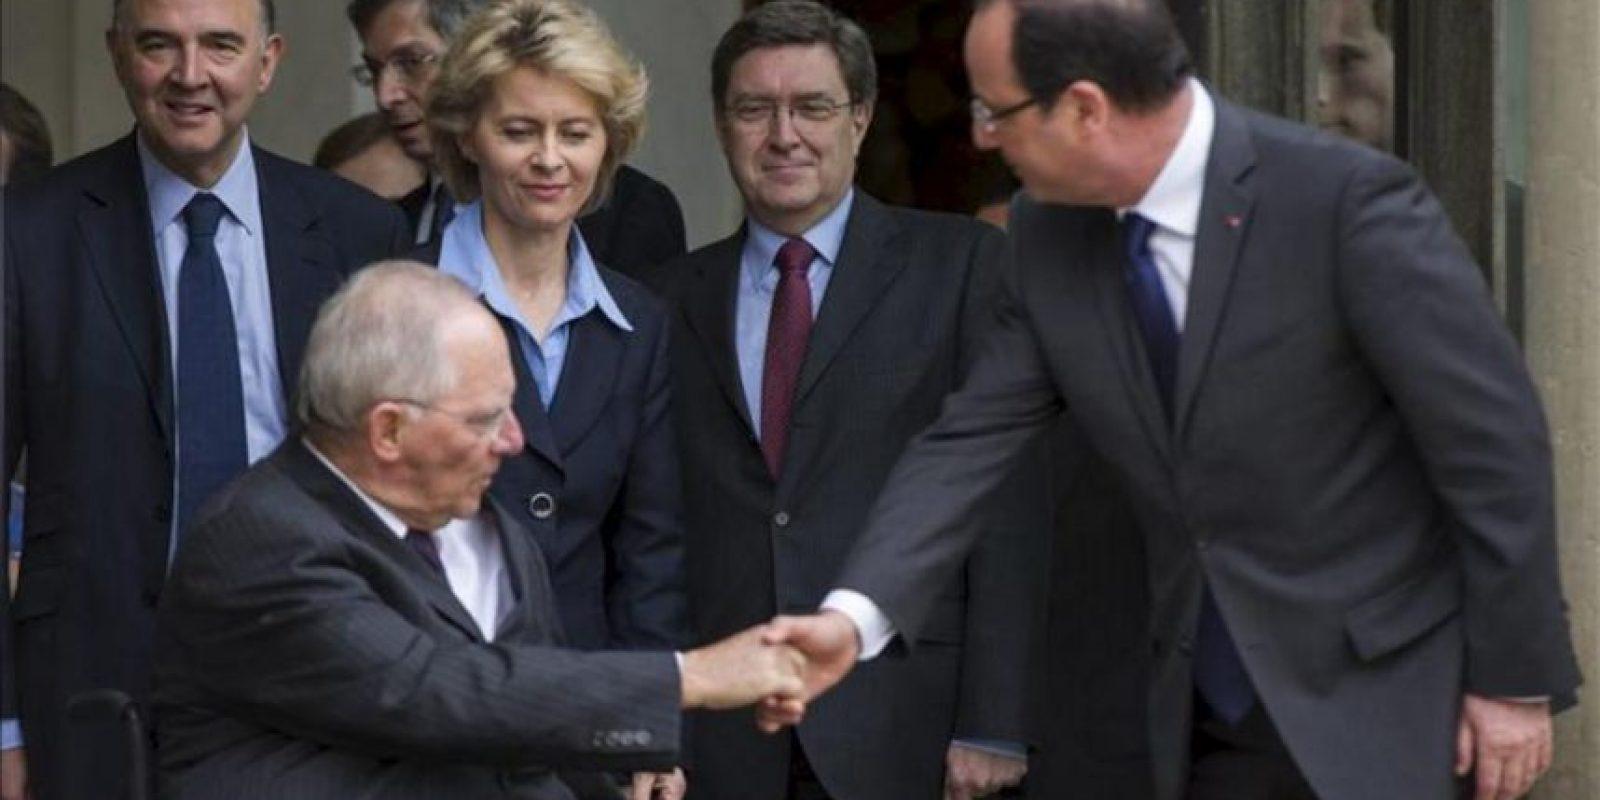 El presidente francés, François Hollande (der), saluda al ministro alemán de Finanzas, Wolfgang Schäuble (izq), ante la mirada de la ministra alemana de Trabajo, Ursula von der Leyen, y el titular de Trabajo y Políticas Sociales, Enrico Giovannini (2ºder), tras su encuentro en el Palacio del Elíseo en París, Francia. EFE